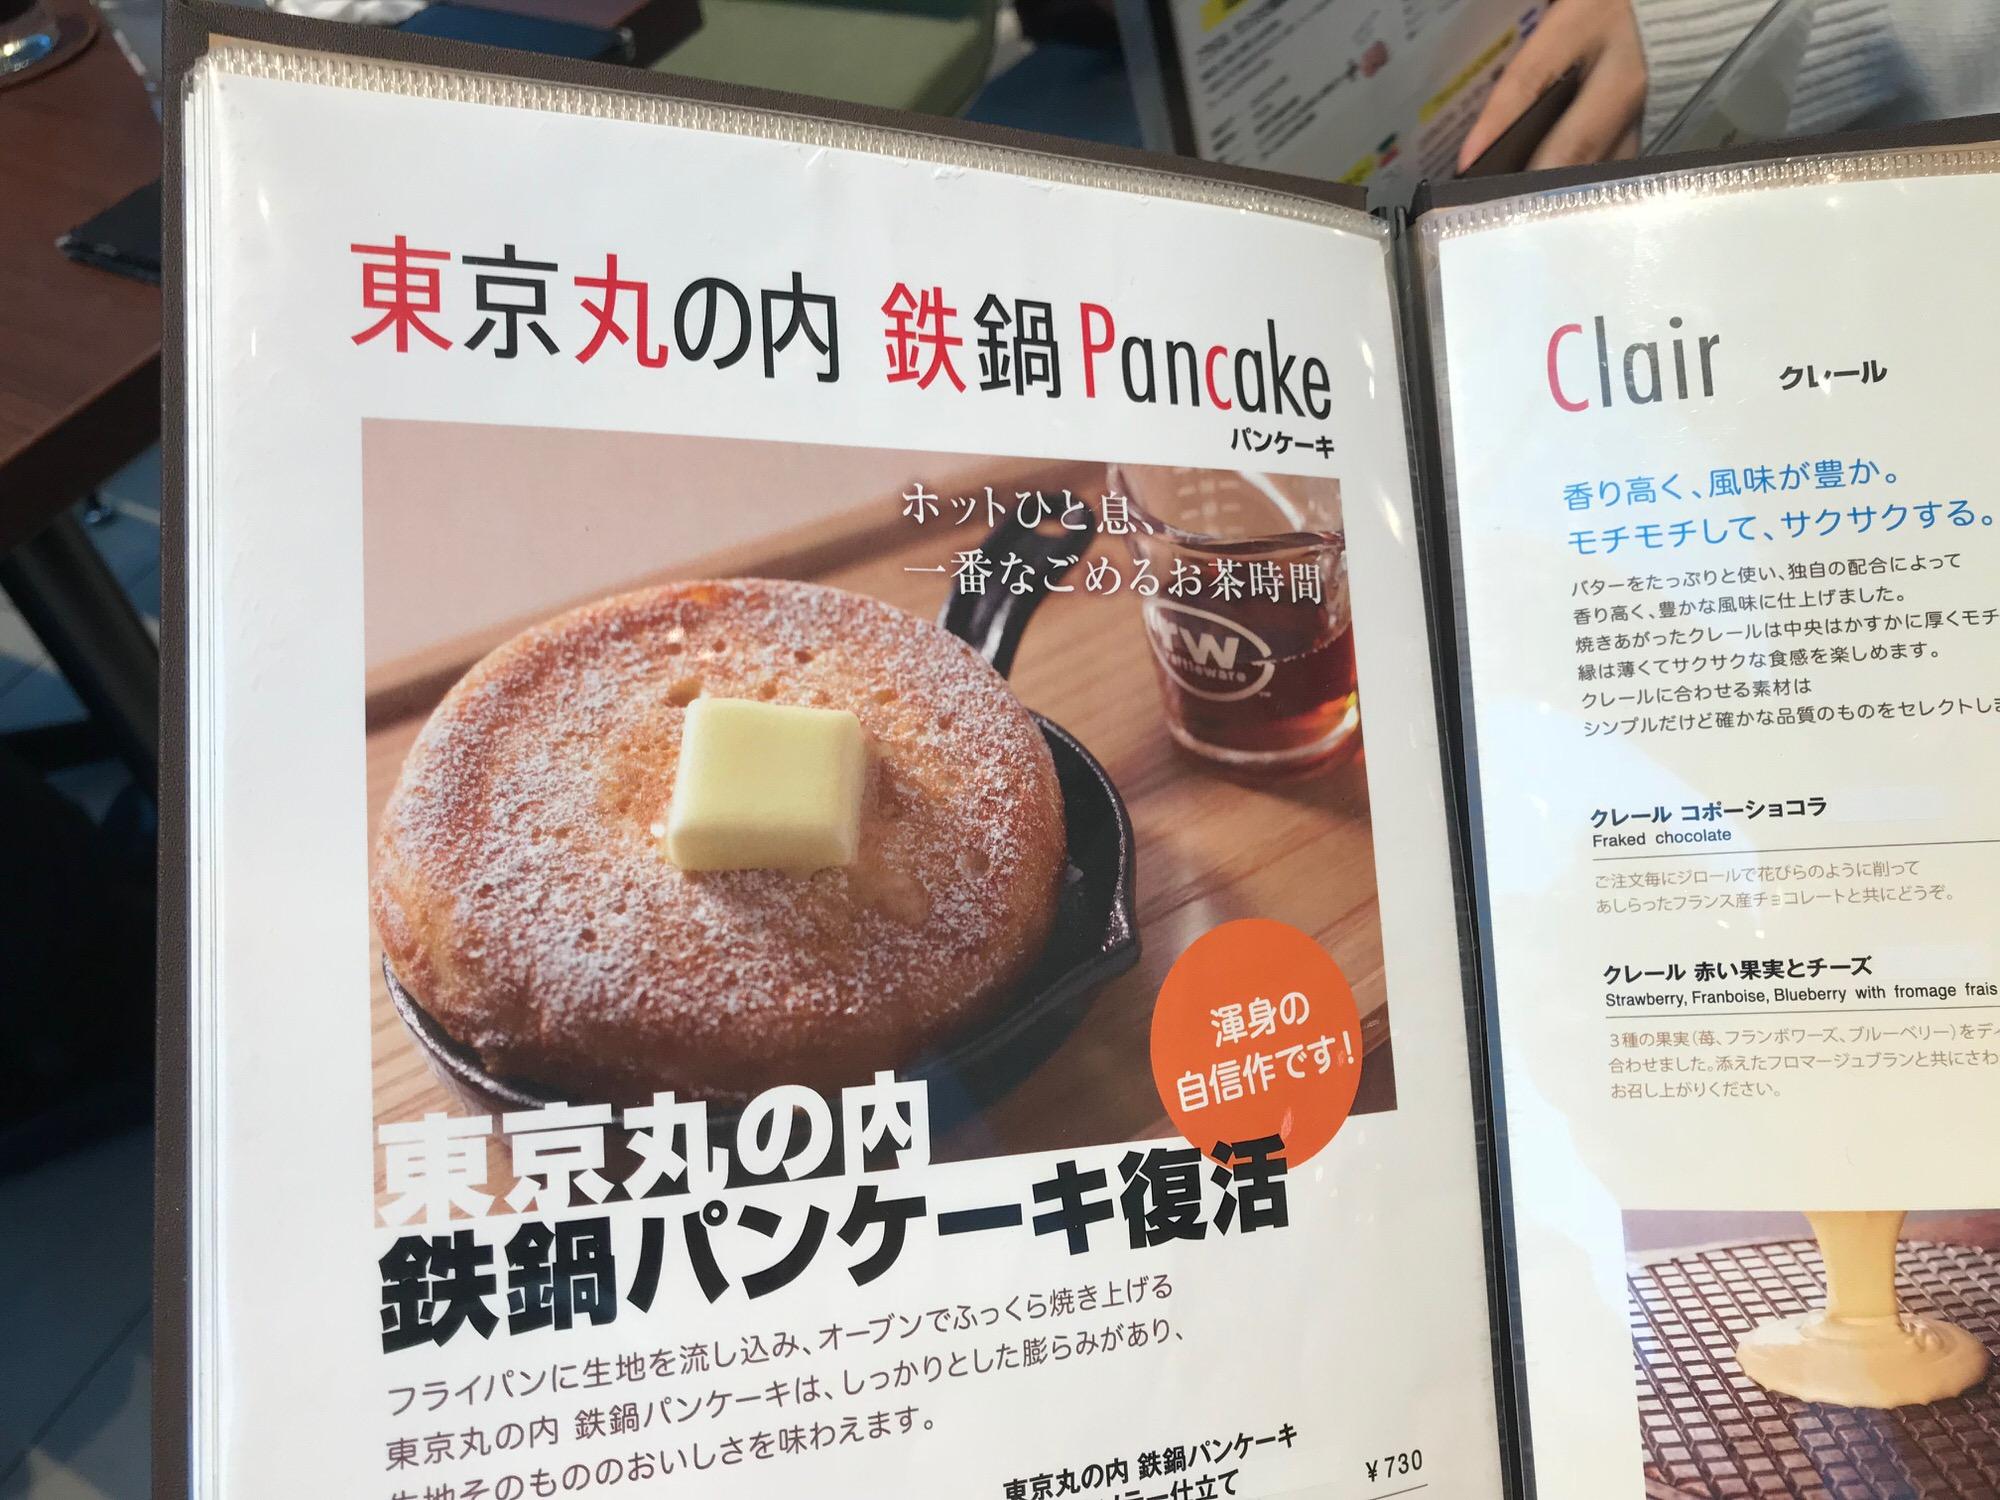 Tokyolobby pancake 2